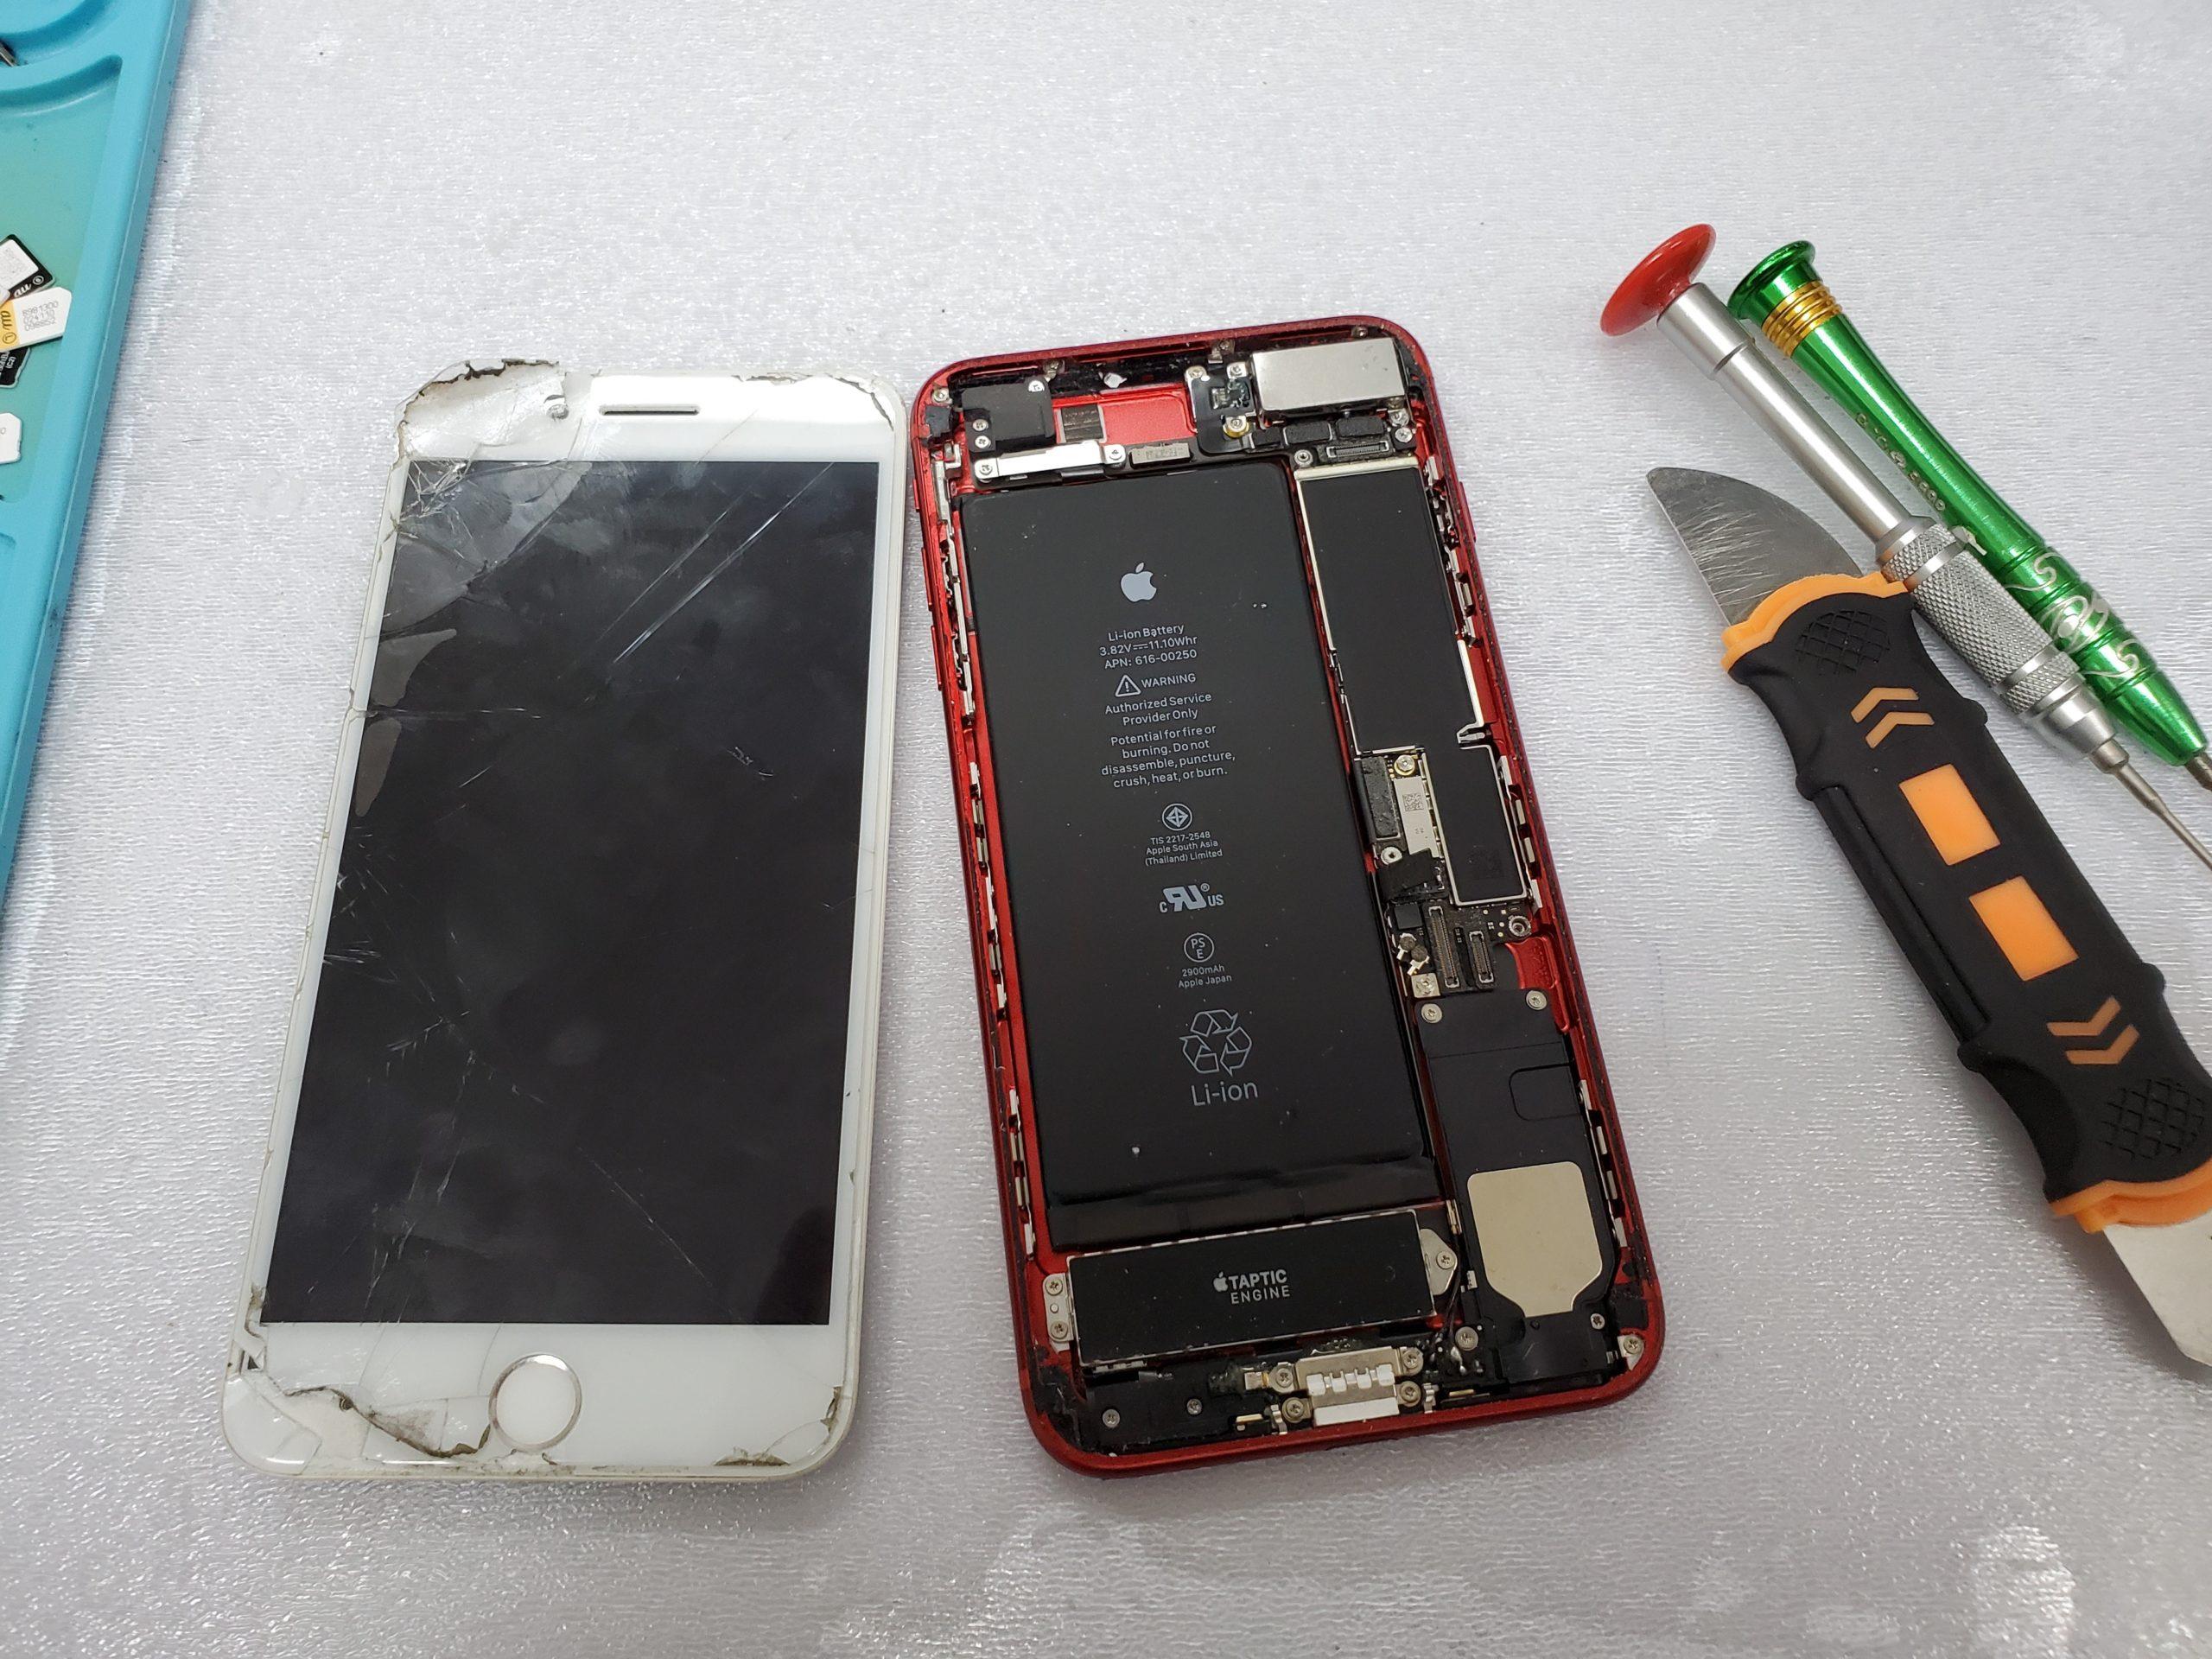 iphone丁寧に作業